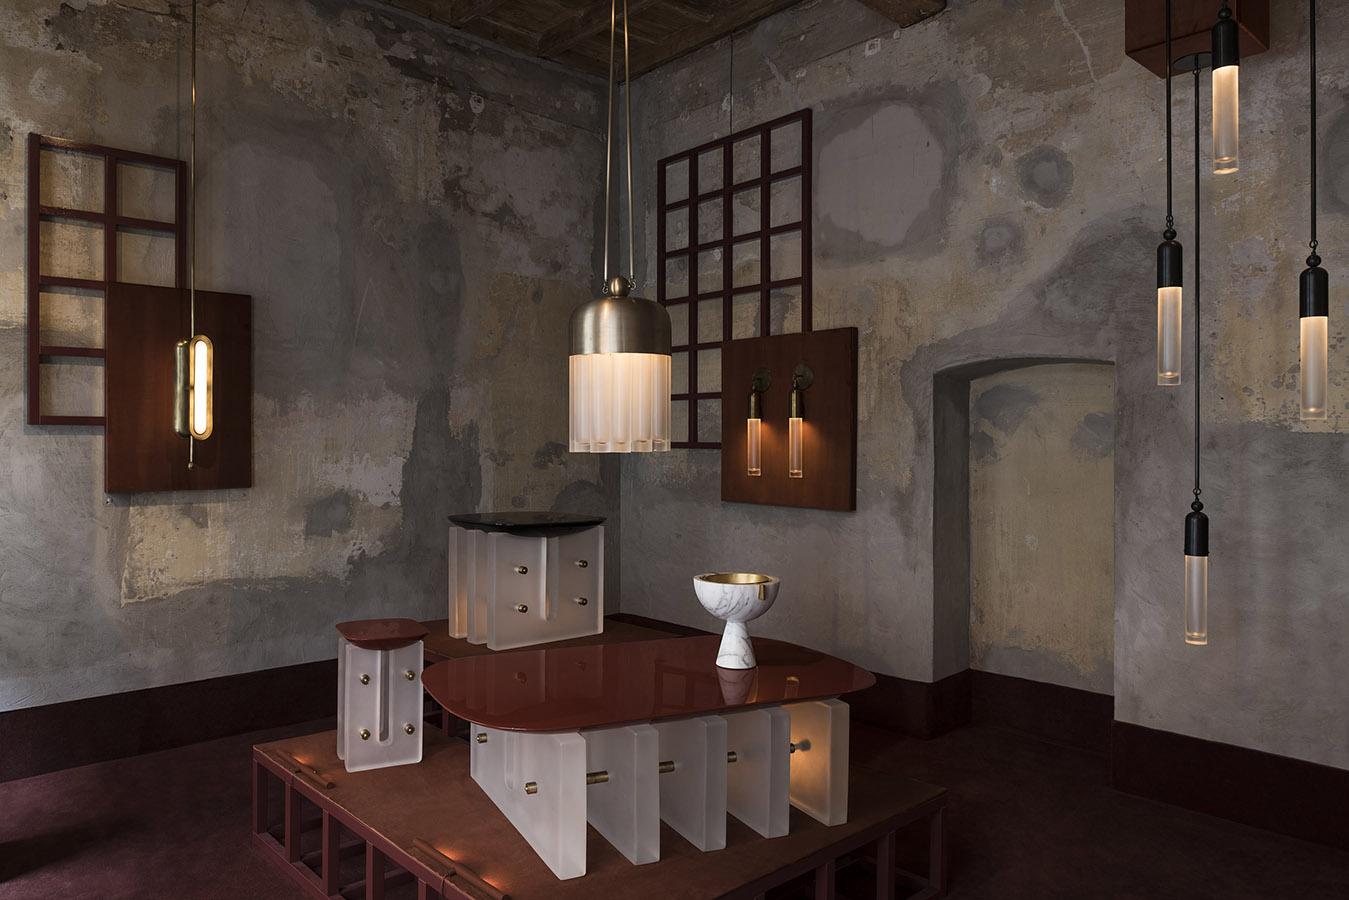 Apparatus, un acercamiento emocional hacia el diseño caracteriza el trabajo de Apparatus. En su nueva colección, el estudio norteamericano explora las influencias del art déco y la escuela de la Bauhaus para inspirarse en personajes como el arquitecto y diseñador austriaco Josef Hoffmann, y los franceses Jean Dunand –artista y diseñador–, Jacques Émile Ruhlmann          –diseñador de mobiliario y decorador– y Pierre Chareau –arquitecto y diseñador–.